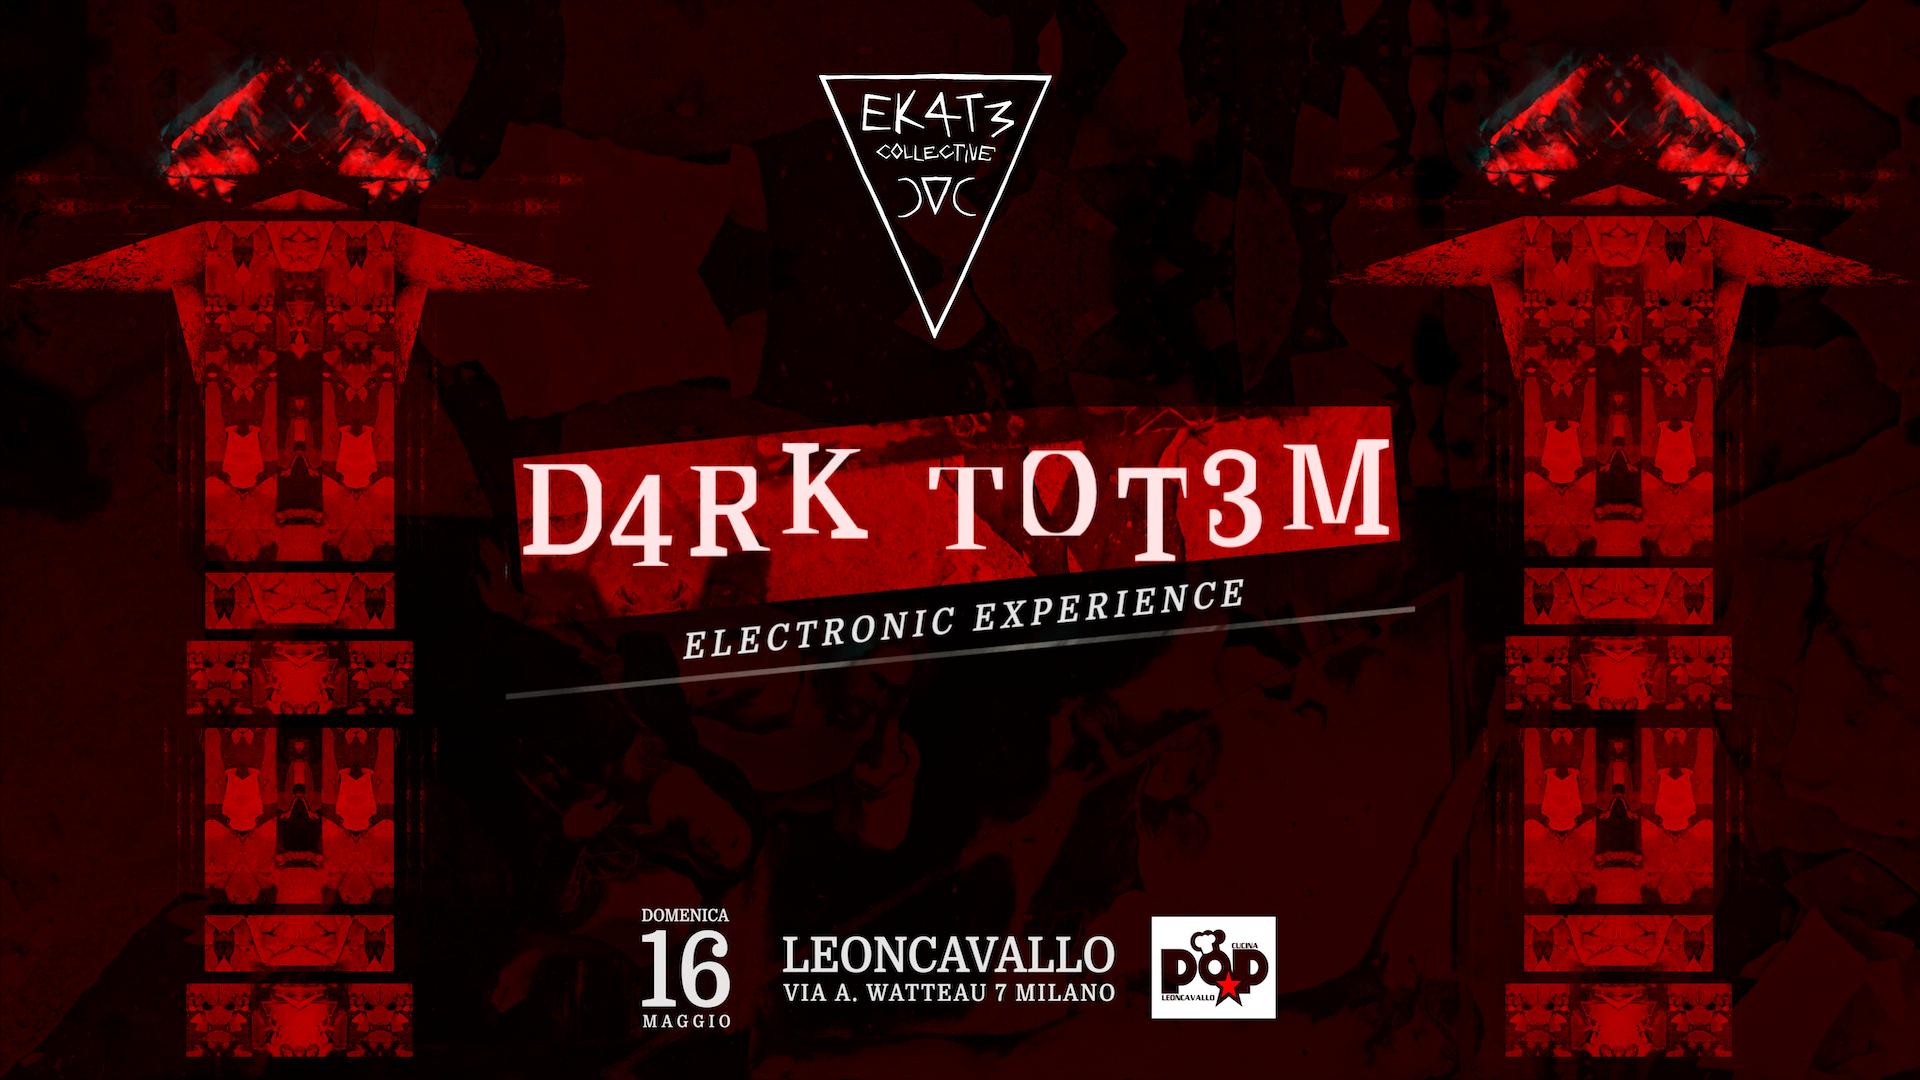 D4RK TOT3M